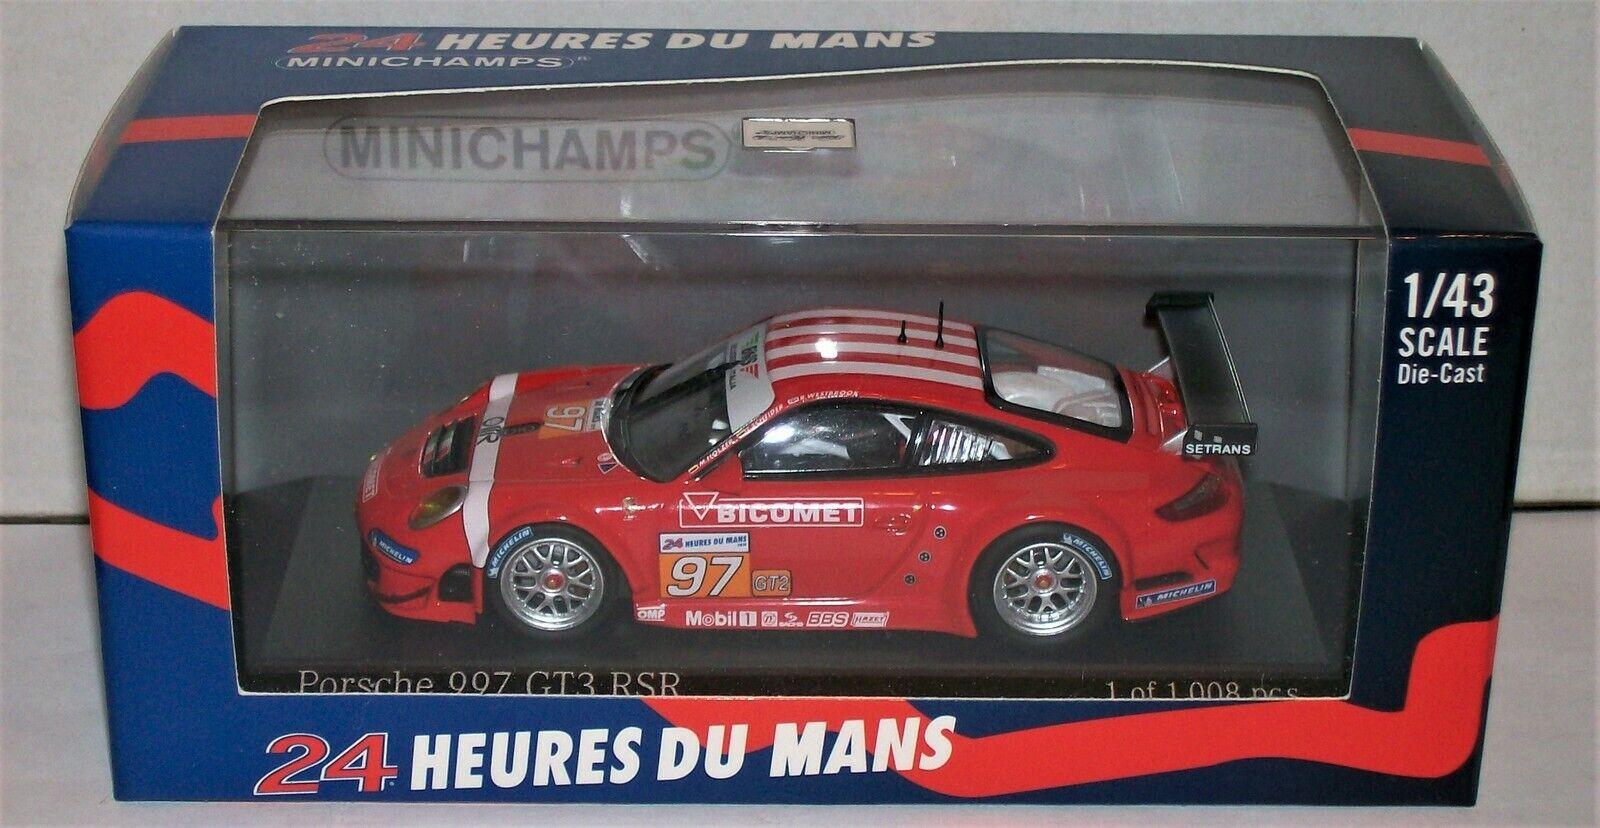 Porsche 997 GT3 RSR 2010 LMGT2 3rd Place BMS Scuderia Scuderia Scuderia Italia 1 43 410106997 a28f0c